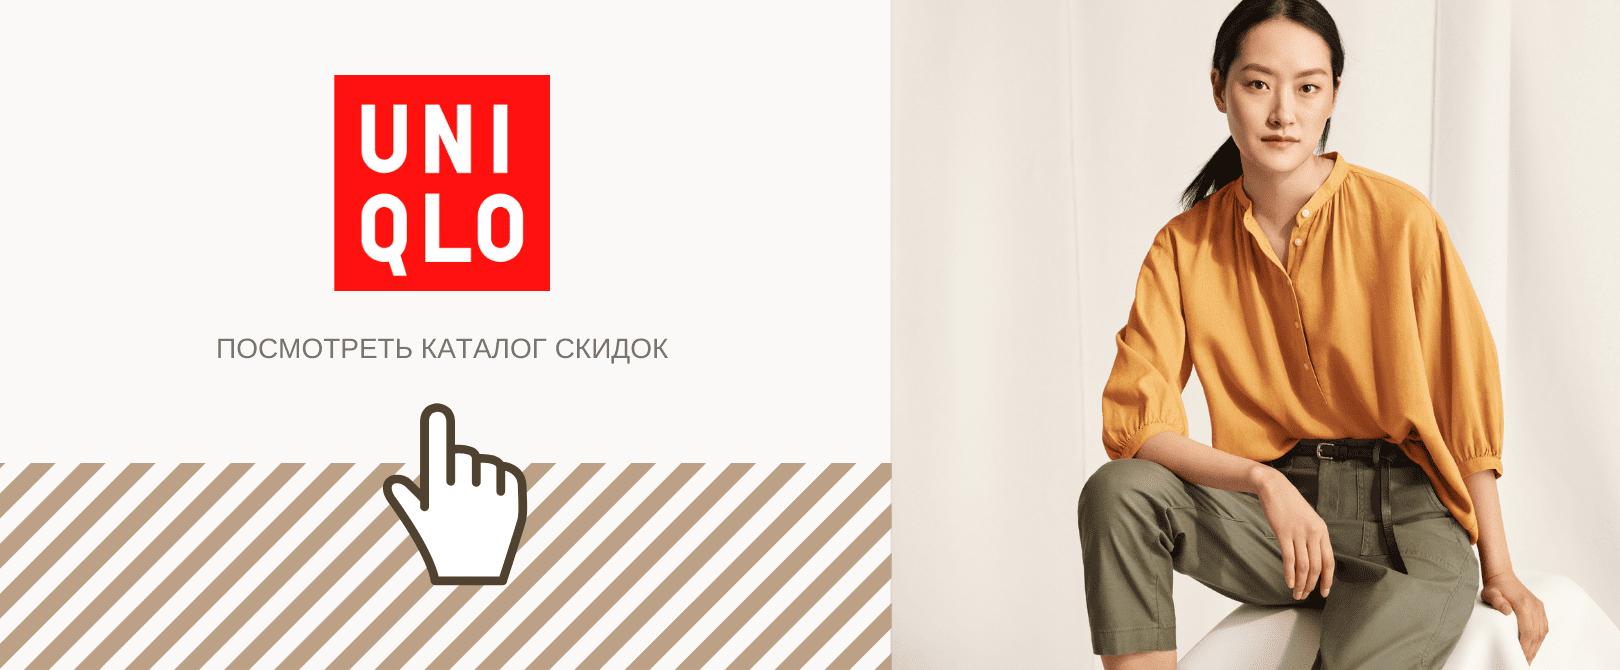 Магазин Уникло Одежда Официальный Сайт